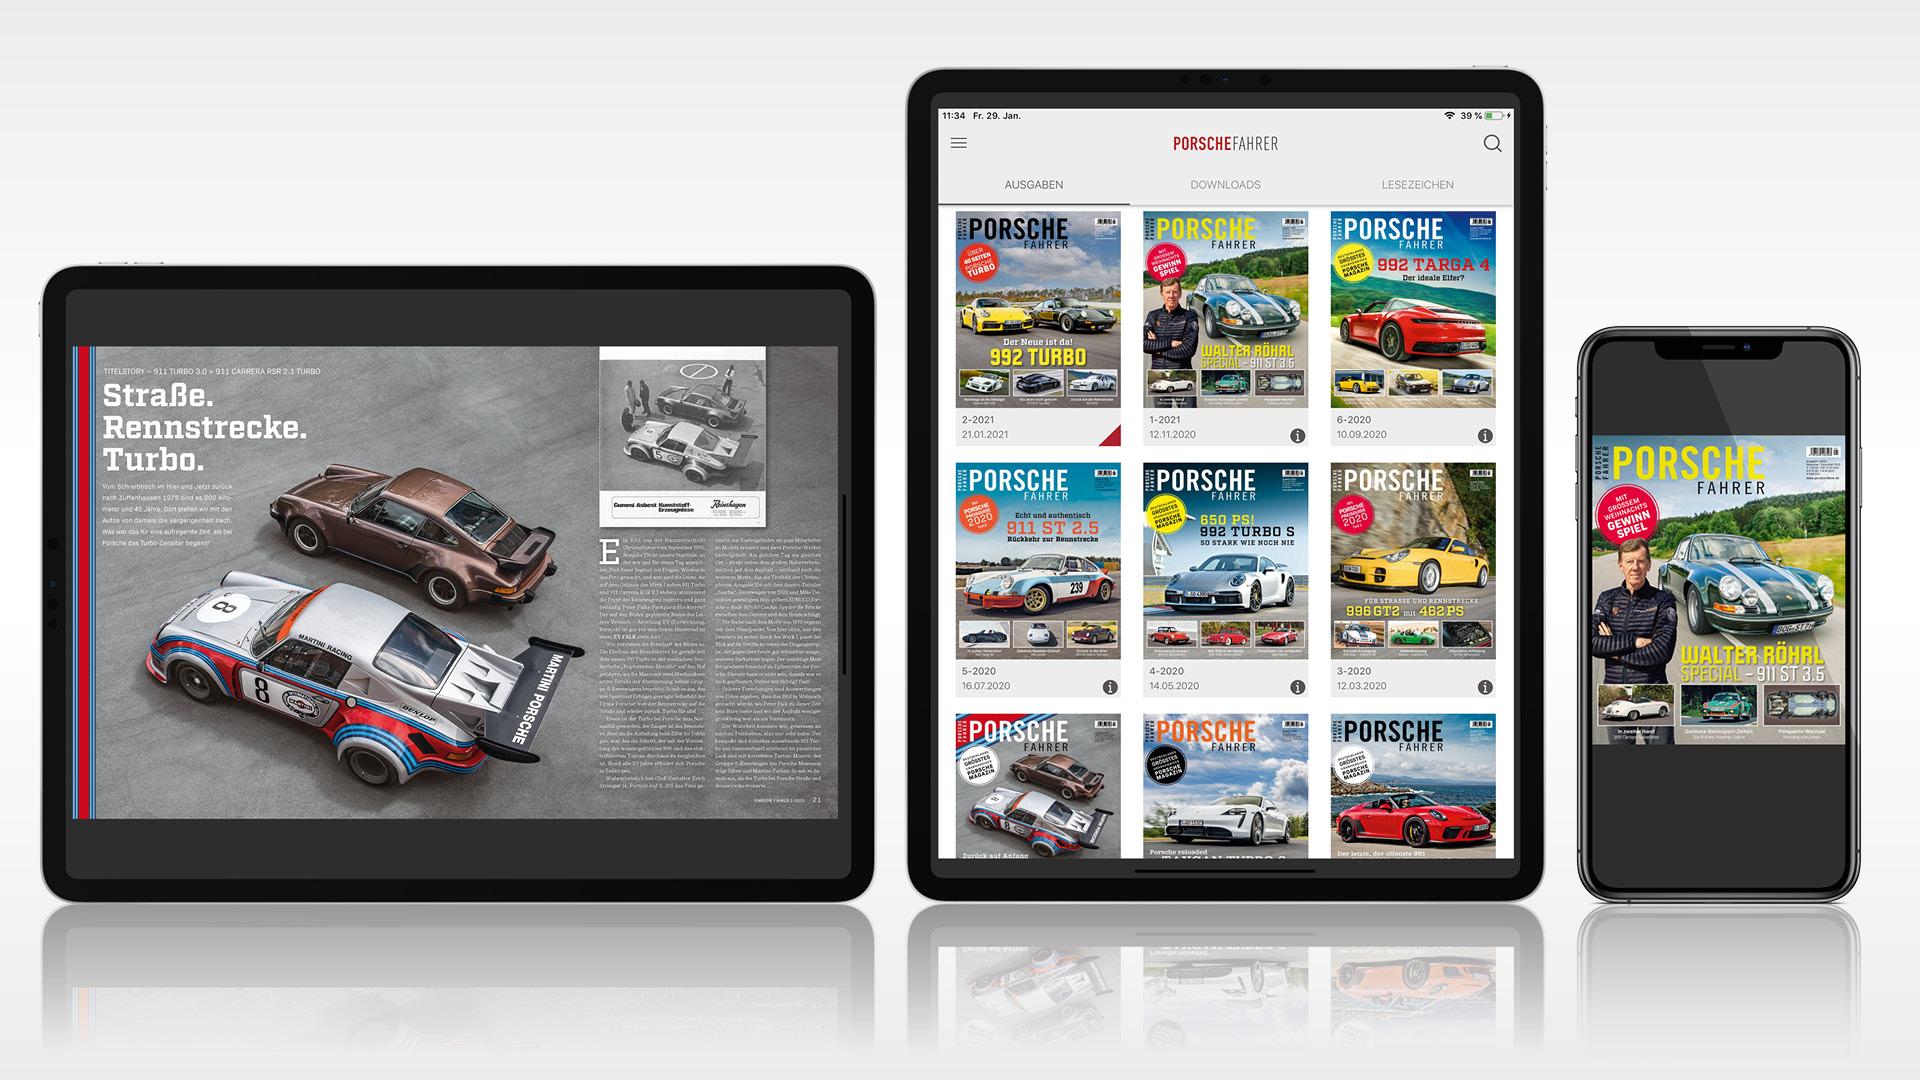 Porsche Fahrer ePaper App Header